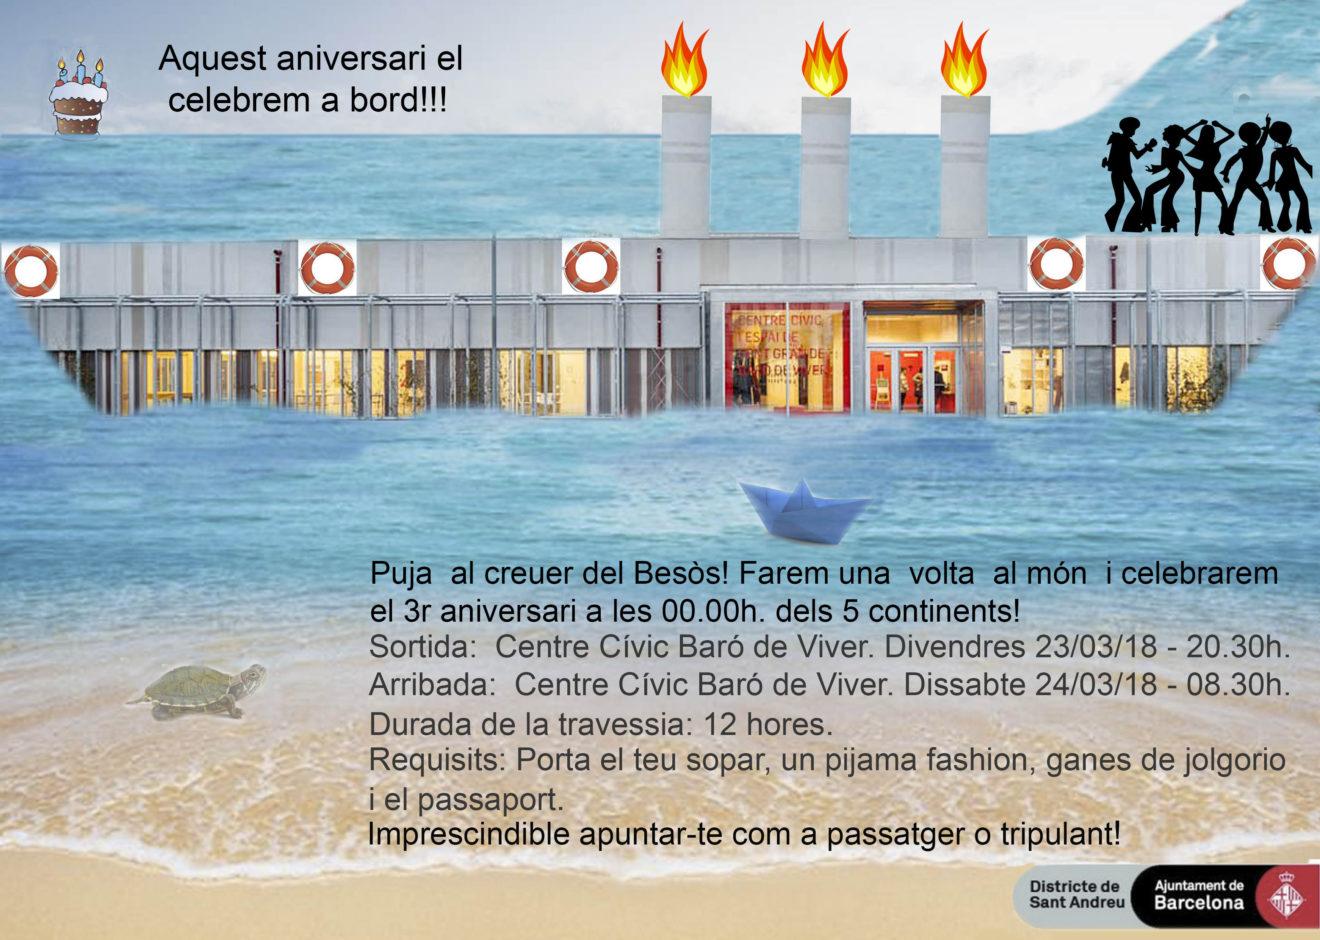 CC Baró de Viver - invitació aniversari 2018